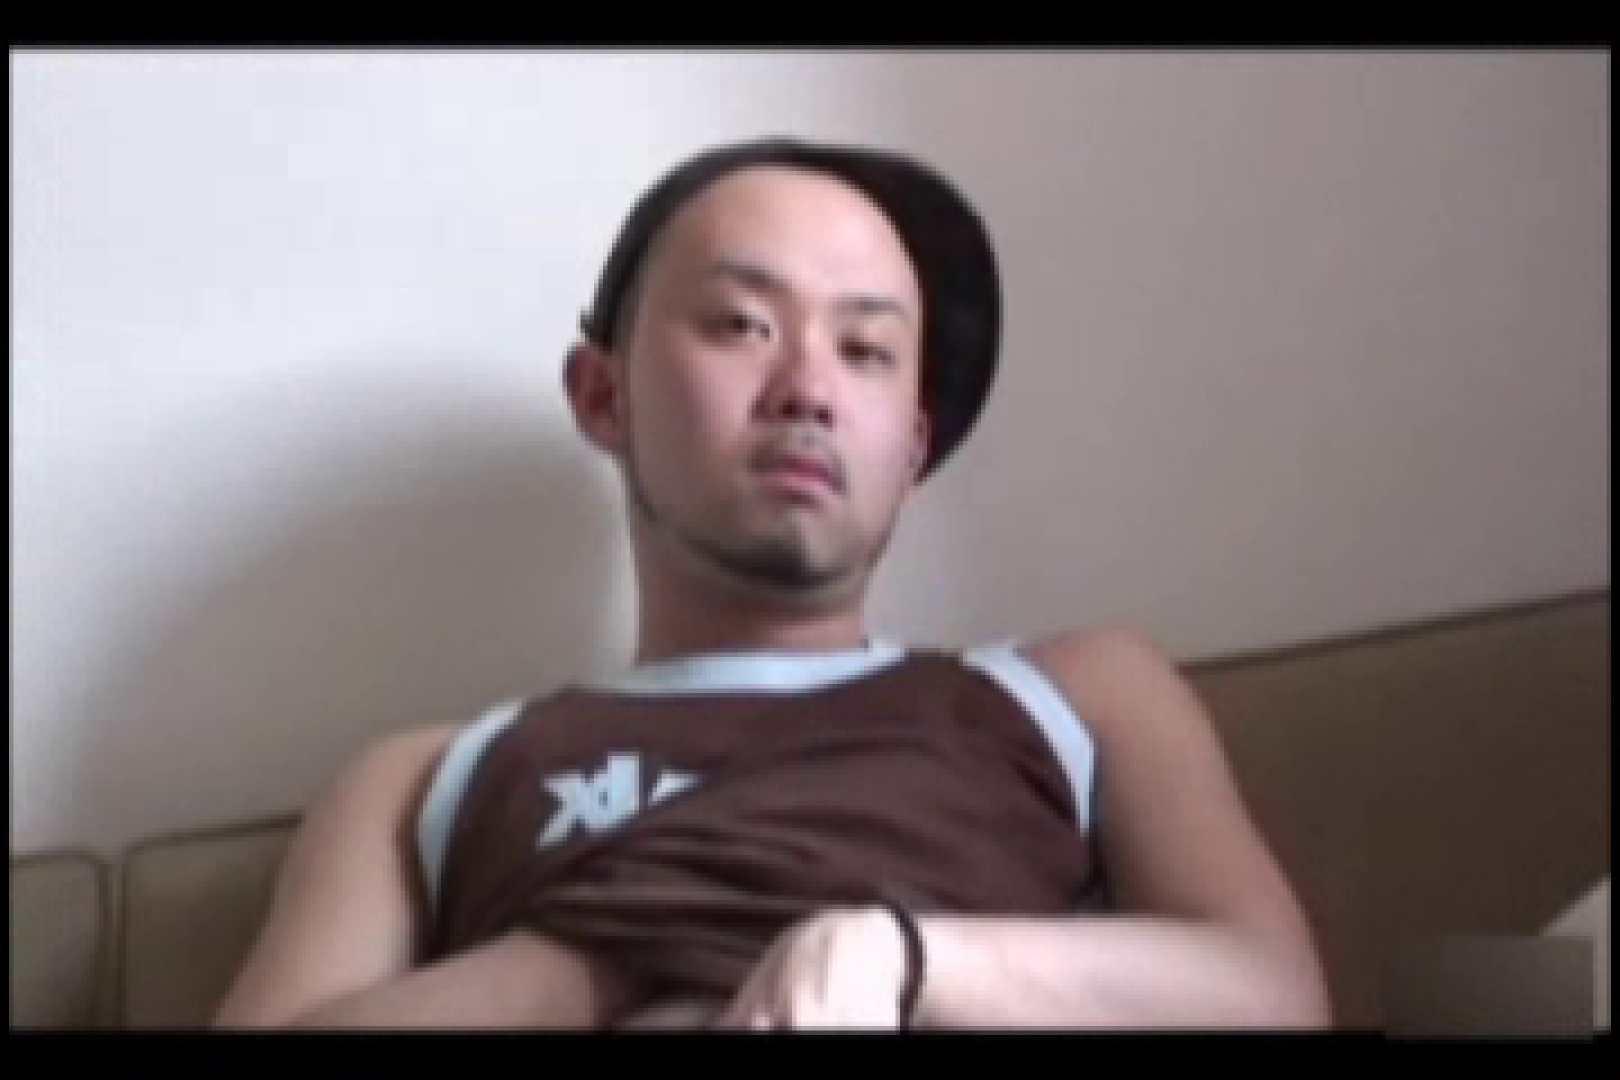 GayなDJのGay的LIFE!!その2 射精シーン GAY無修正エロ動画 89pic 25